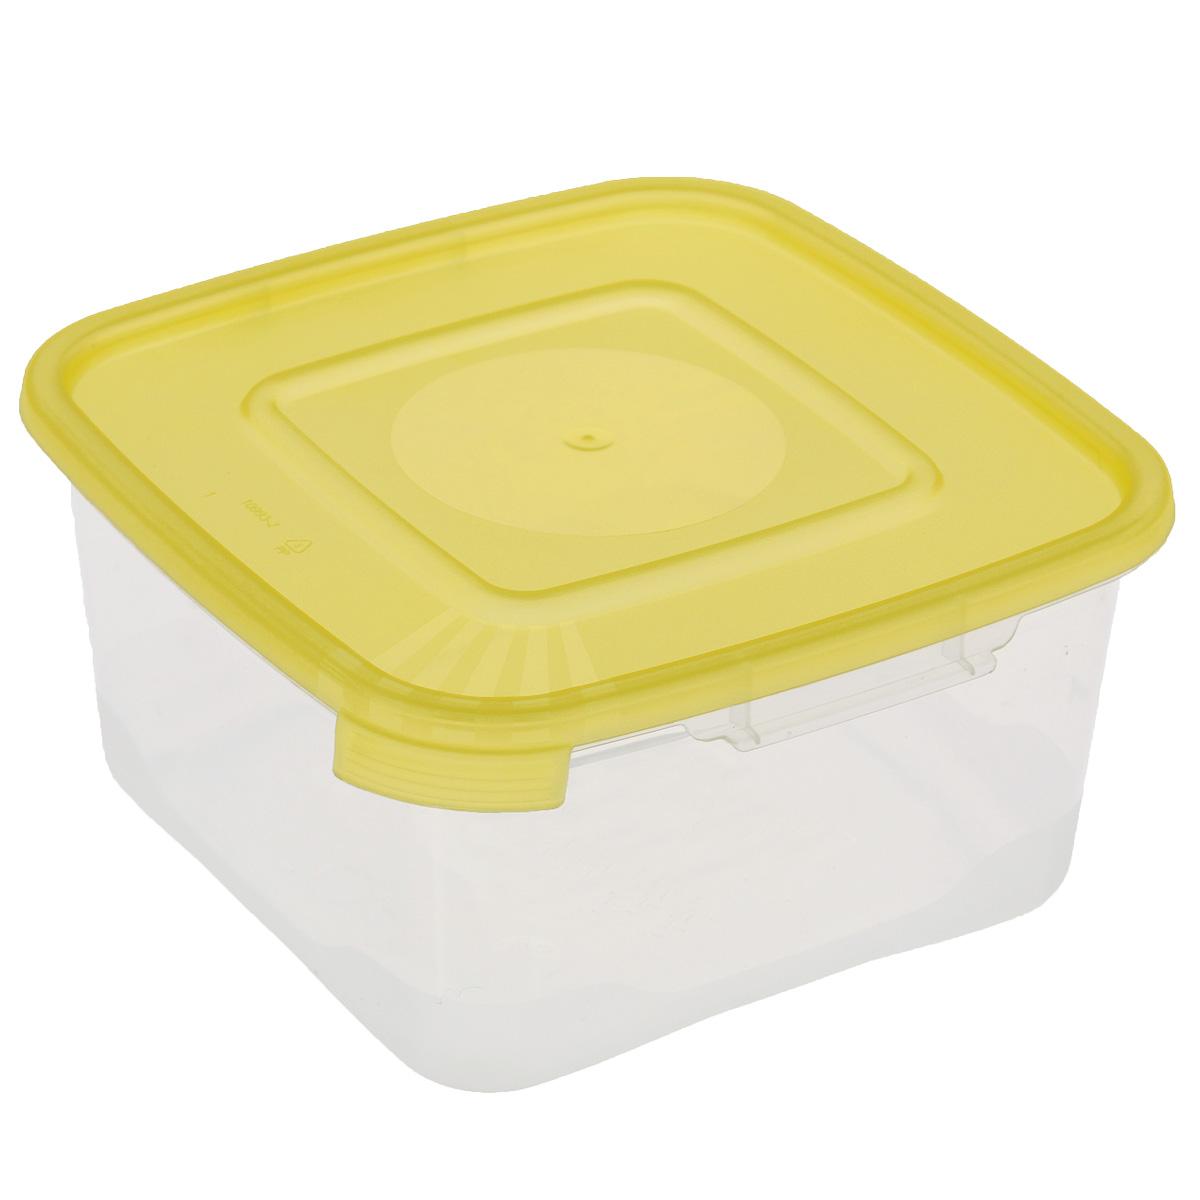 Контейнер Полимербыт Каскад, цвет: желтый, 460 млVT-1520(SR)Контейнер Полимербыт Каскад квадратной формы, изготовленный из прочного пластика, предназначен специально для хранения пищевых продуктов. Крышка легко открывается и плотно закрывается.Прозрачные стенки позволяют видеть содержимое. Контейнер устойчив к воздействию масел и жиров, легко моется. Контейнер имеет возможность хранения продуктов глубокой заморозки, обладает высокой прочностью. Можно мыть в посудомоечной машине. Подходит для использования в микроволновых печах.